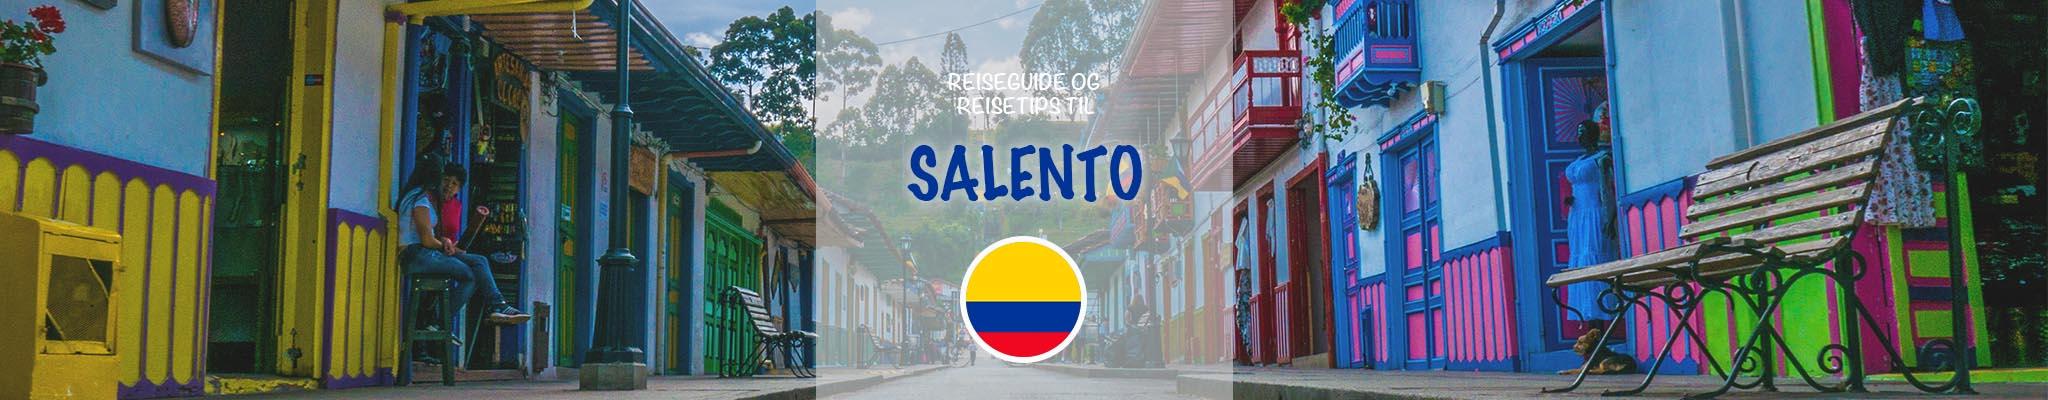 Reiseguide og reisetips til Salento